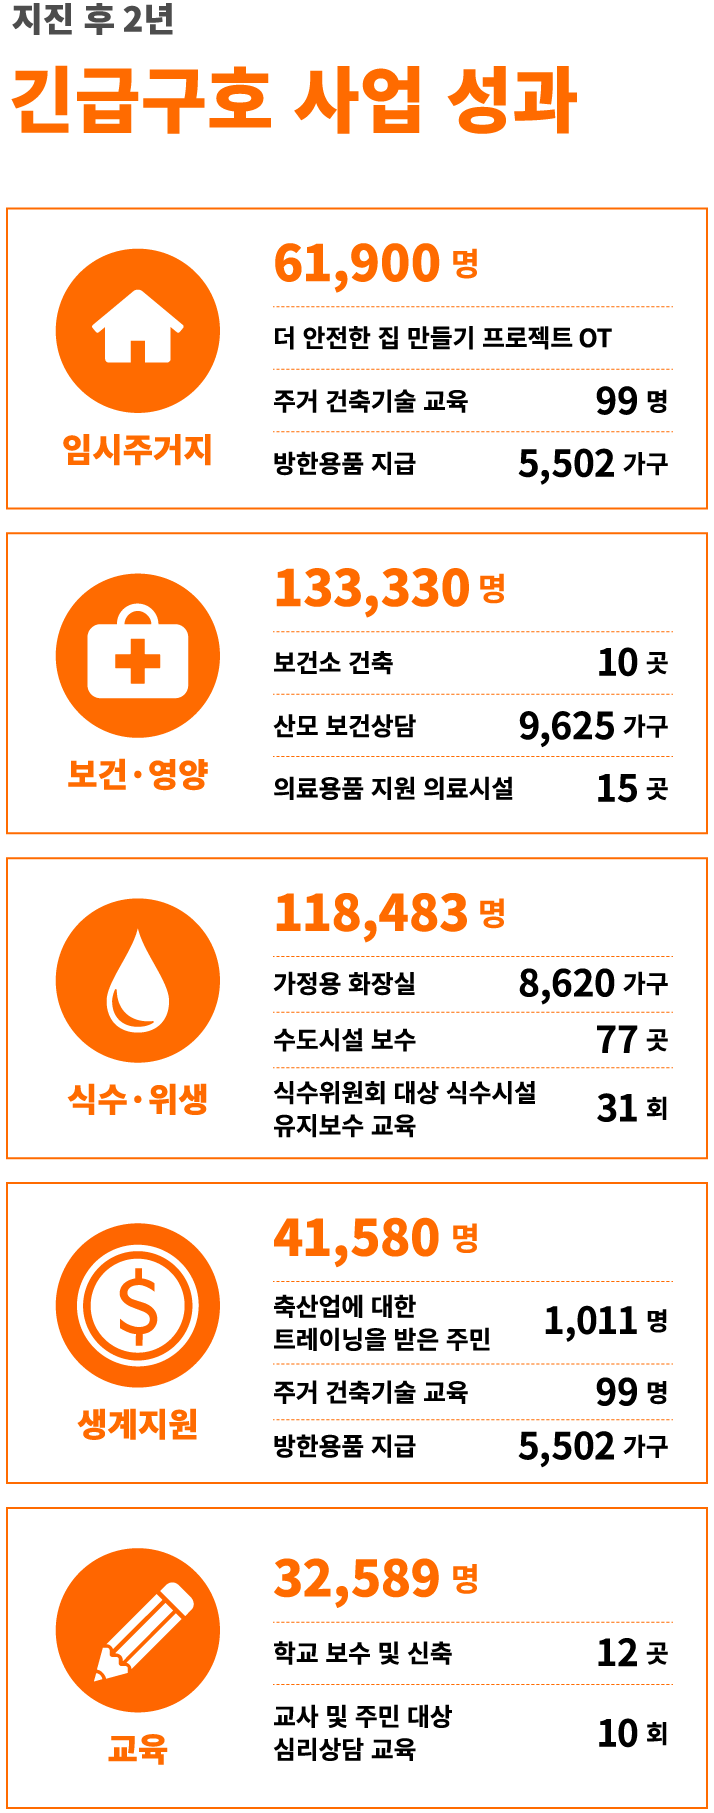 월드비전은 2015년 10월부터 [재건복구] 단계 활동을 진행하고 있습니다.